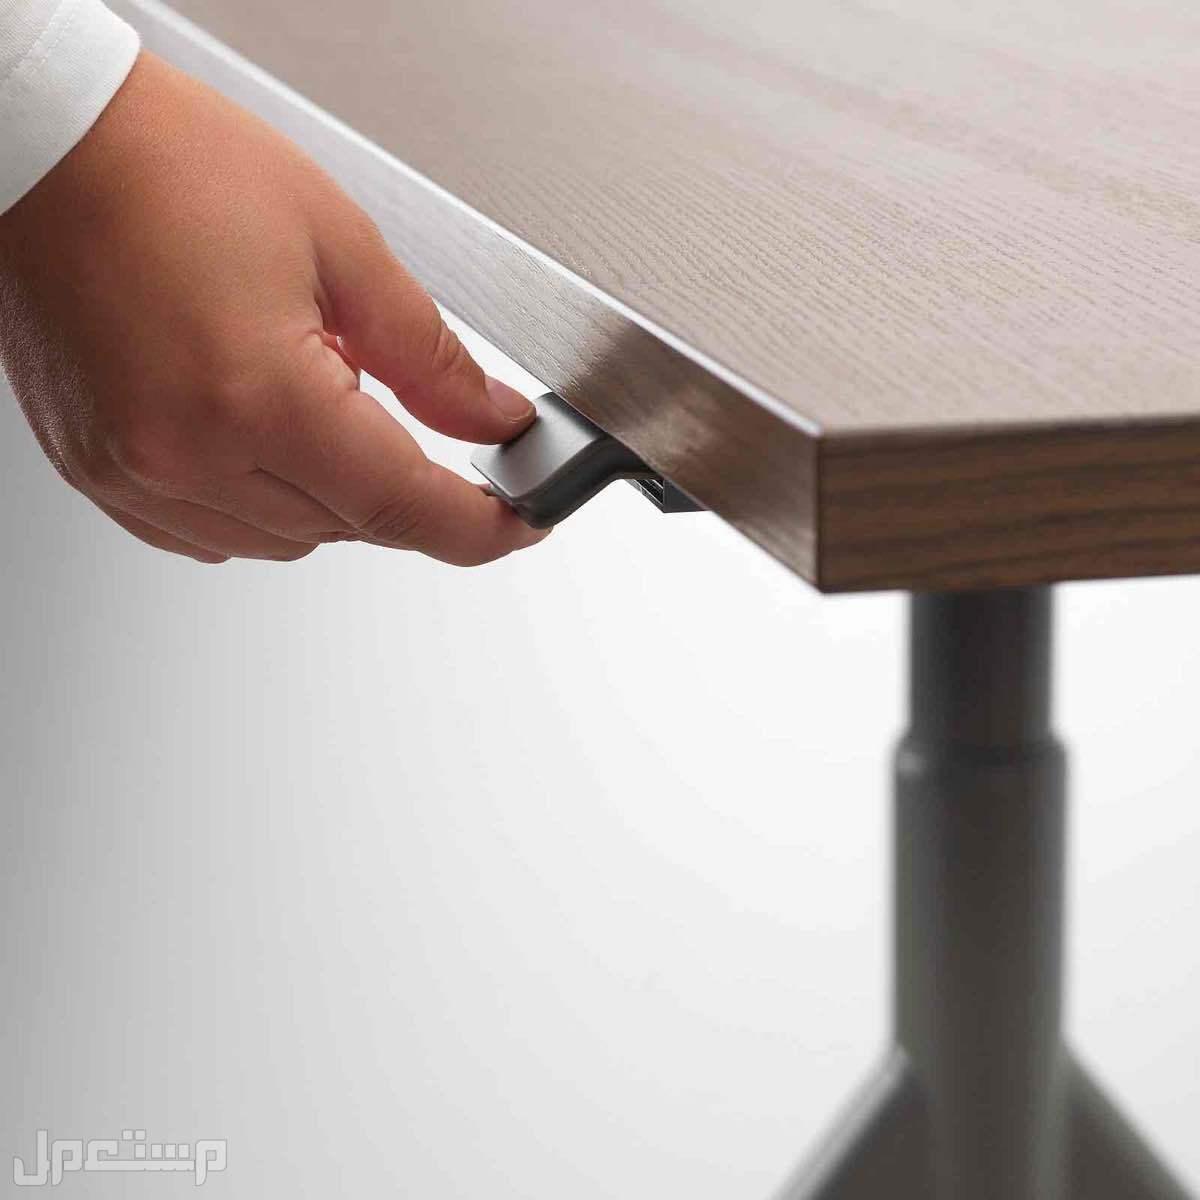 مكتب متغير الارتفاع مع كرسي و وحدة ادراج